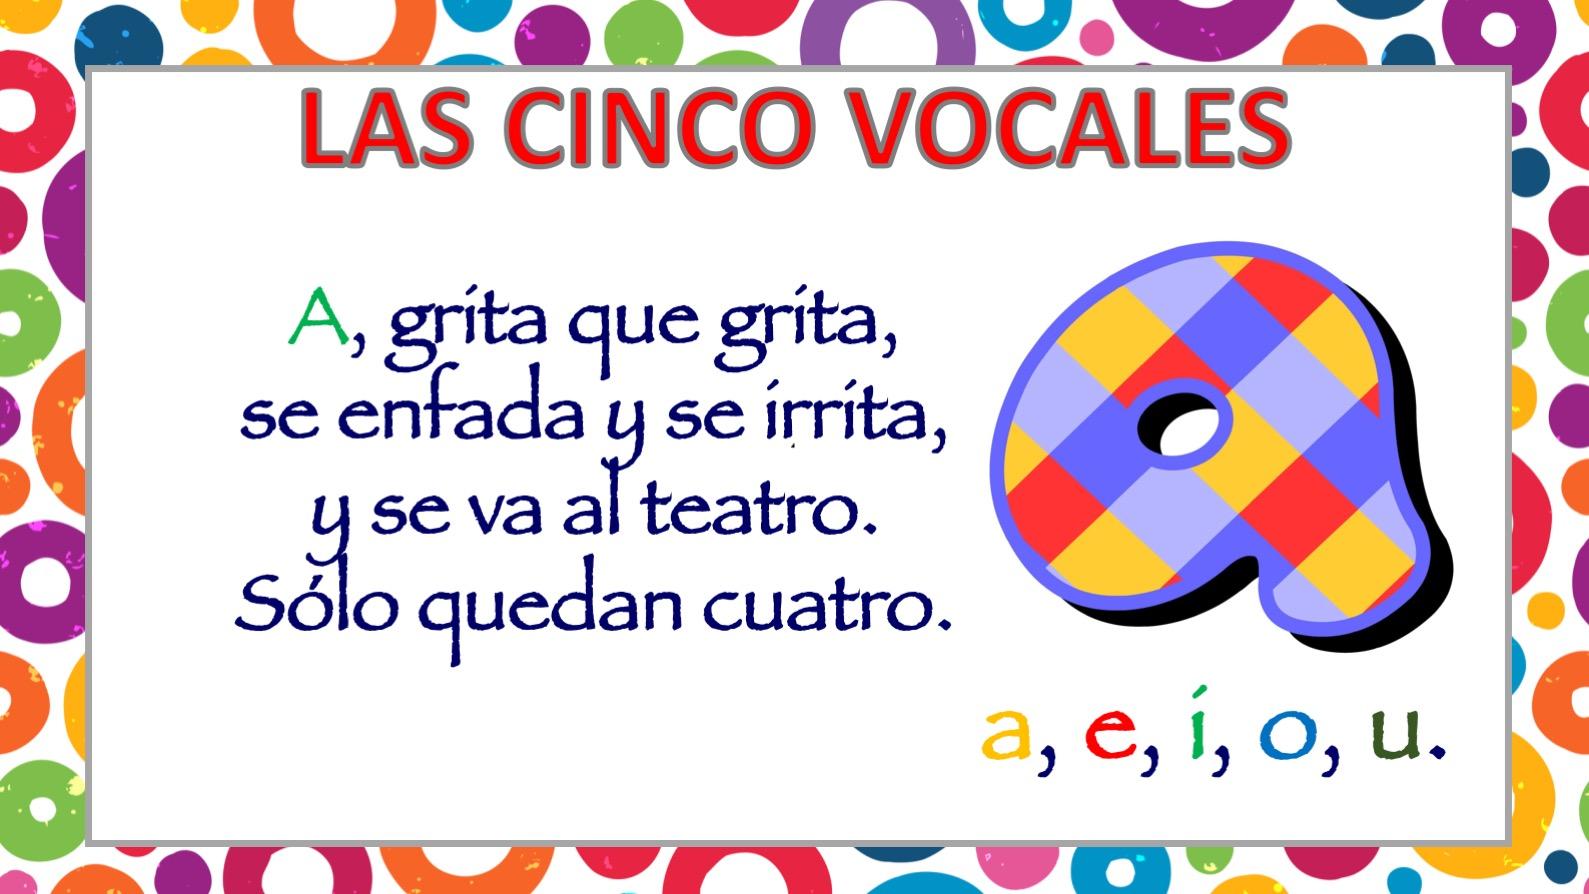 Poesia De Las Vocales: APRENDEMOS LAS CINCO VOCALES POEMA DE CARLOS REVIEJO3